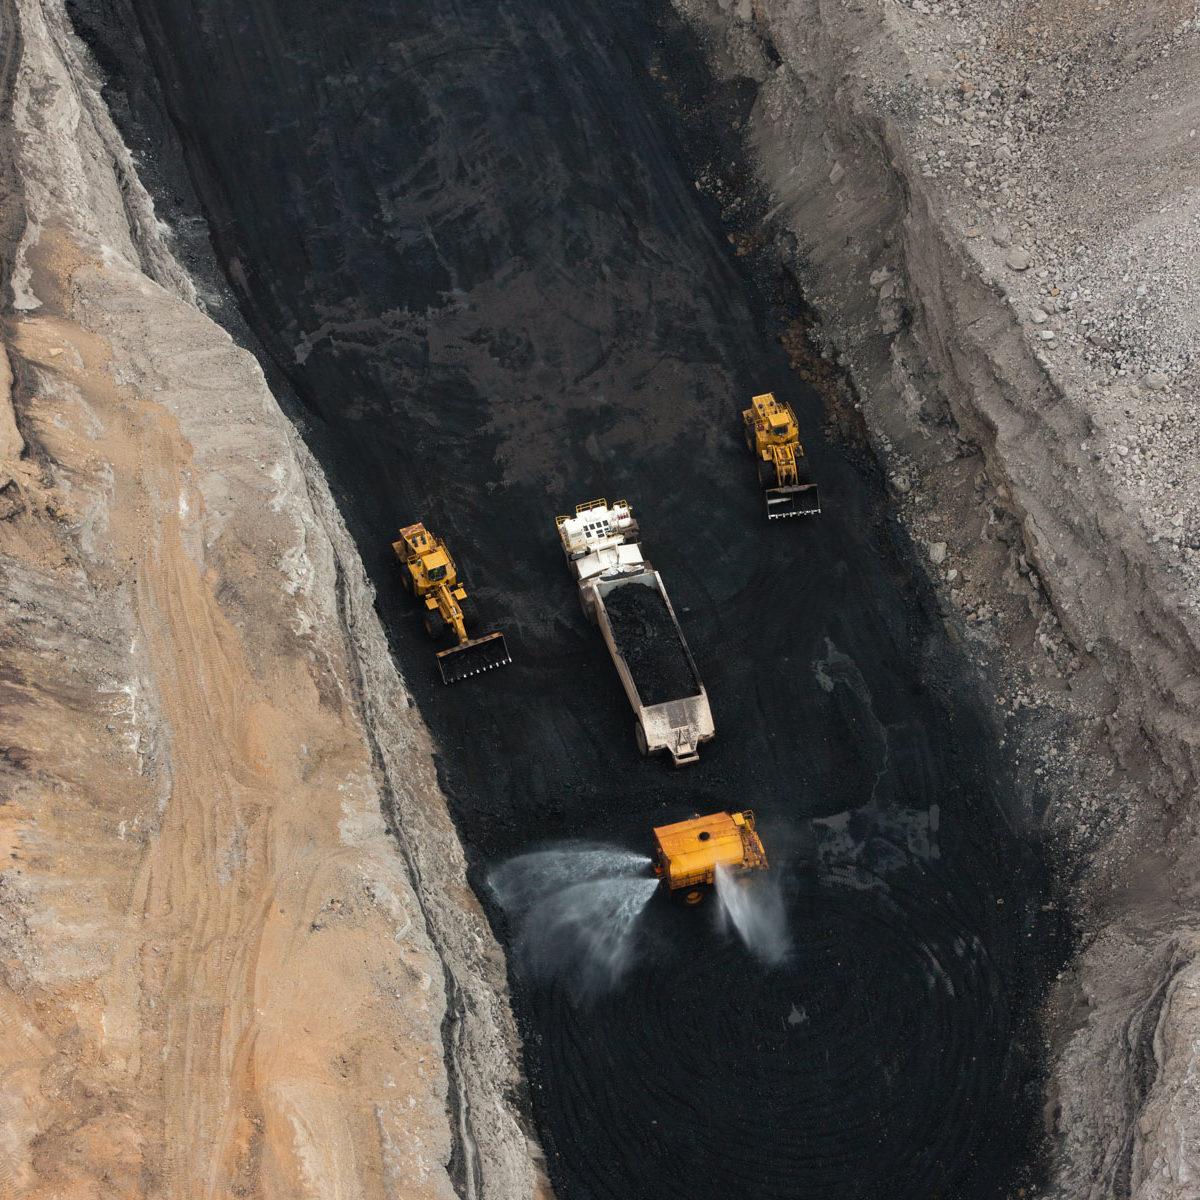 Mine de charbon à ciel ouvert près de kayenta, Arizona, Etats-Unis (32°21' n - 111°12' W)